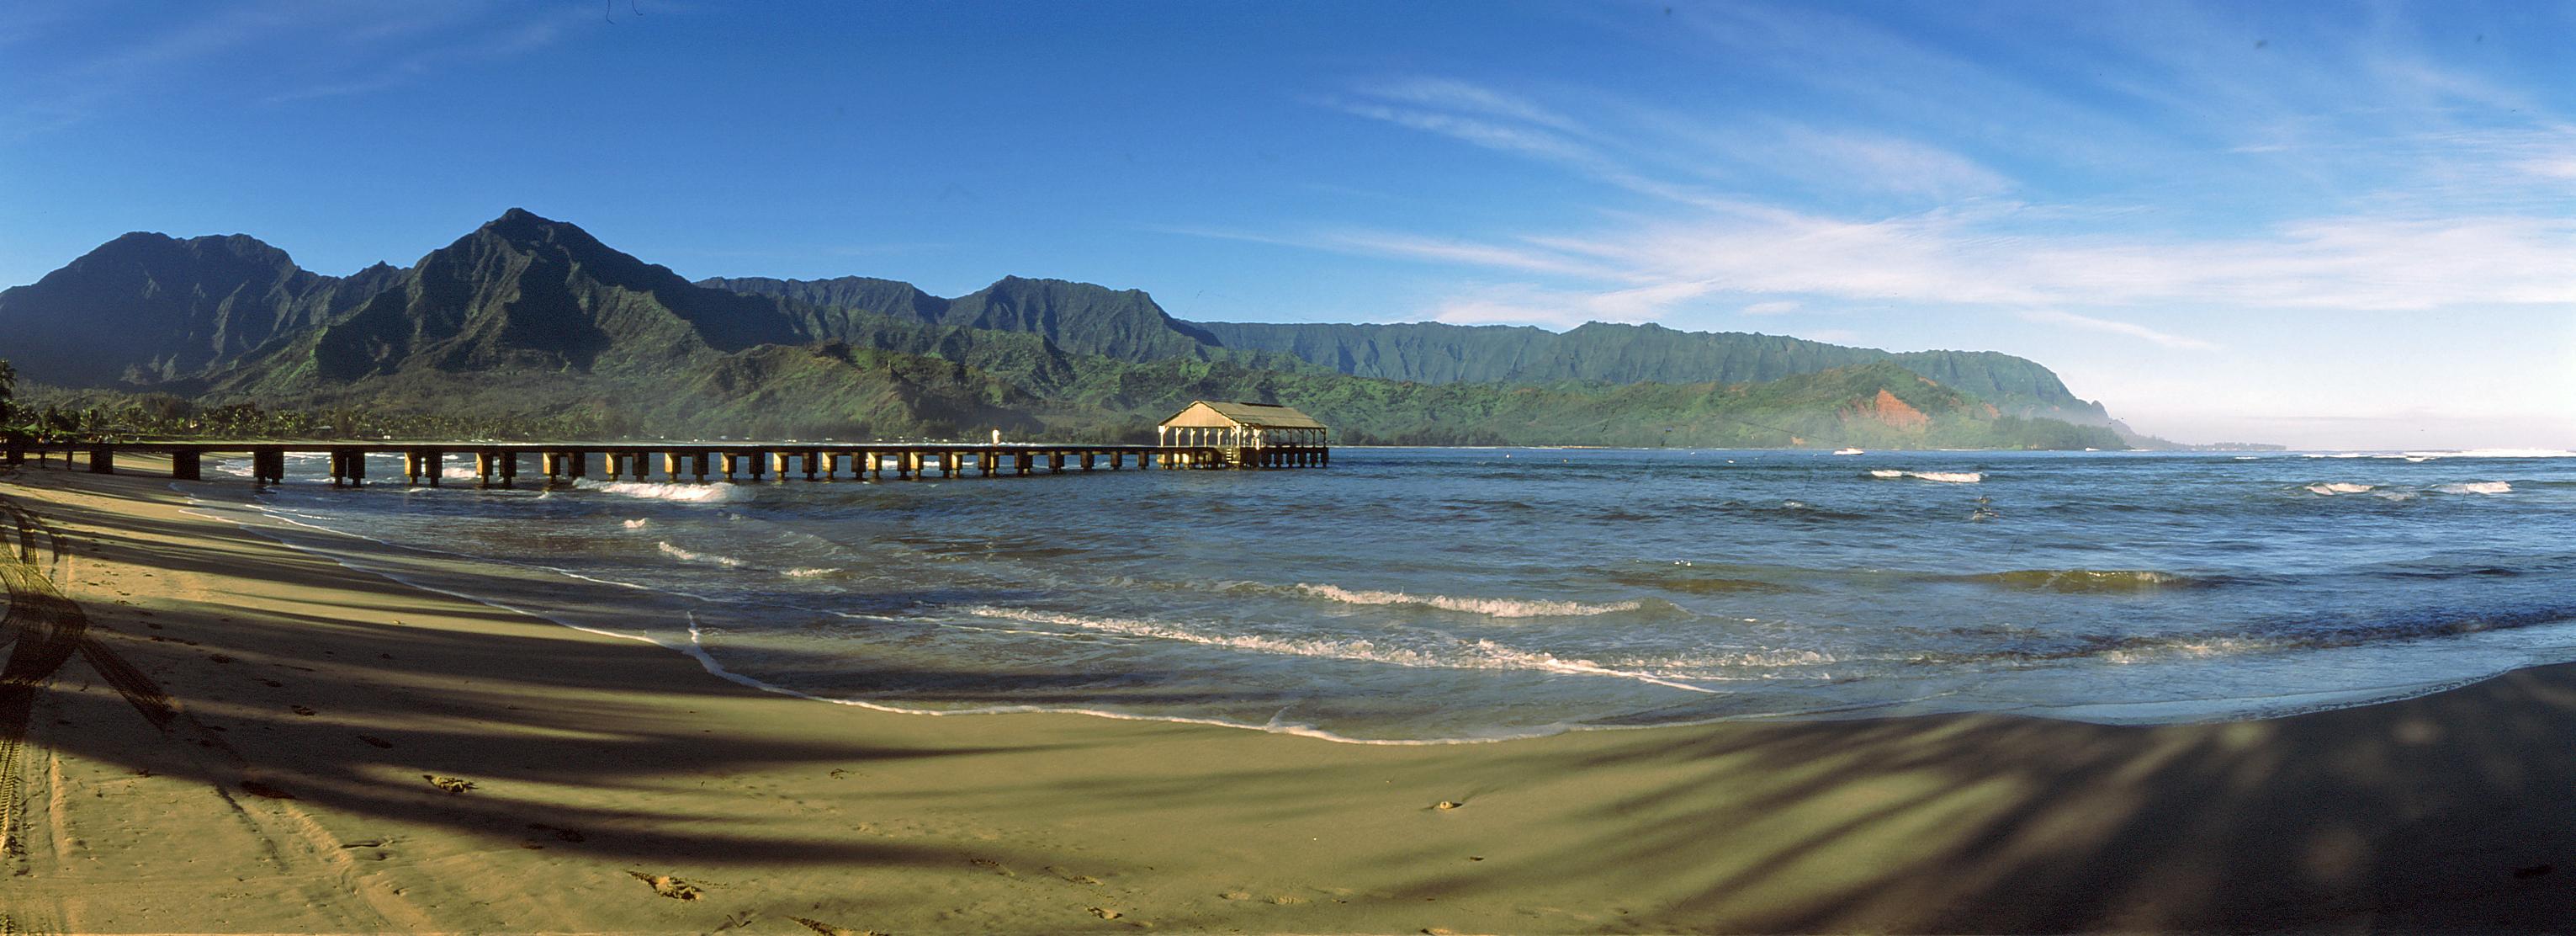 hanalei bay, hawaii